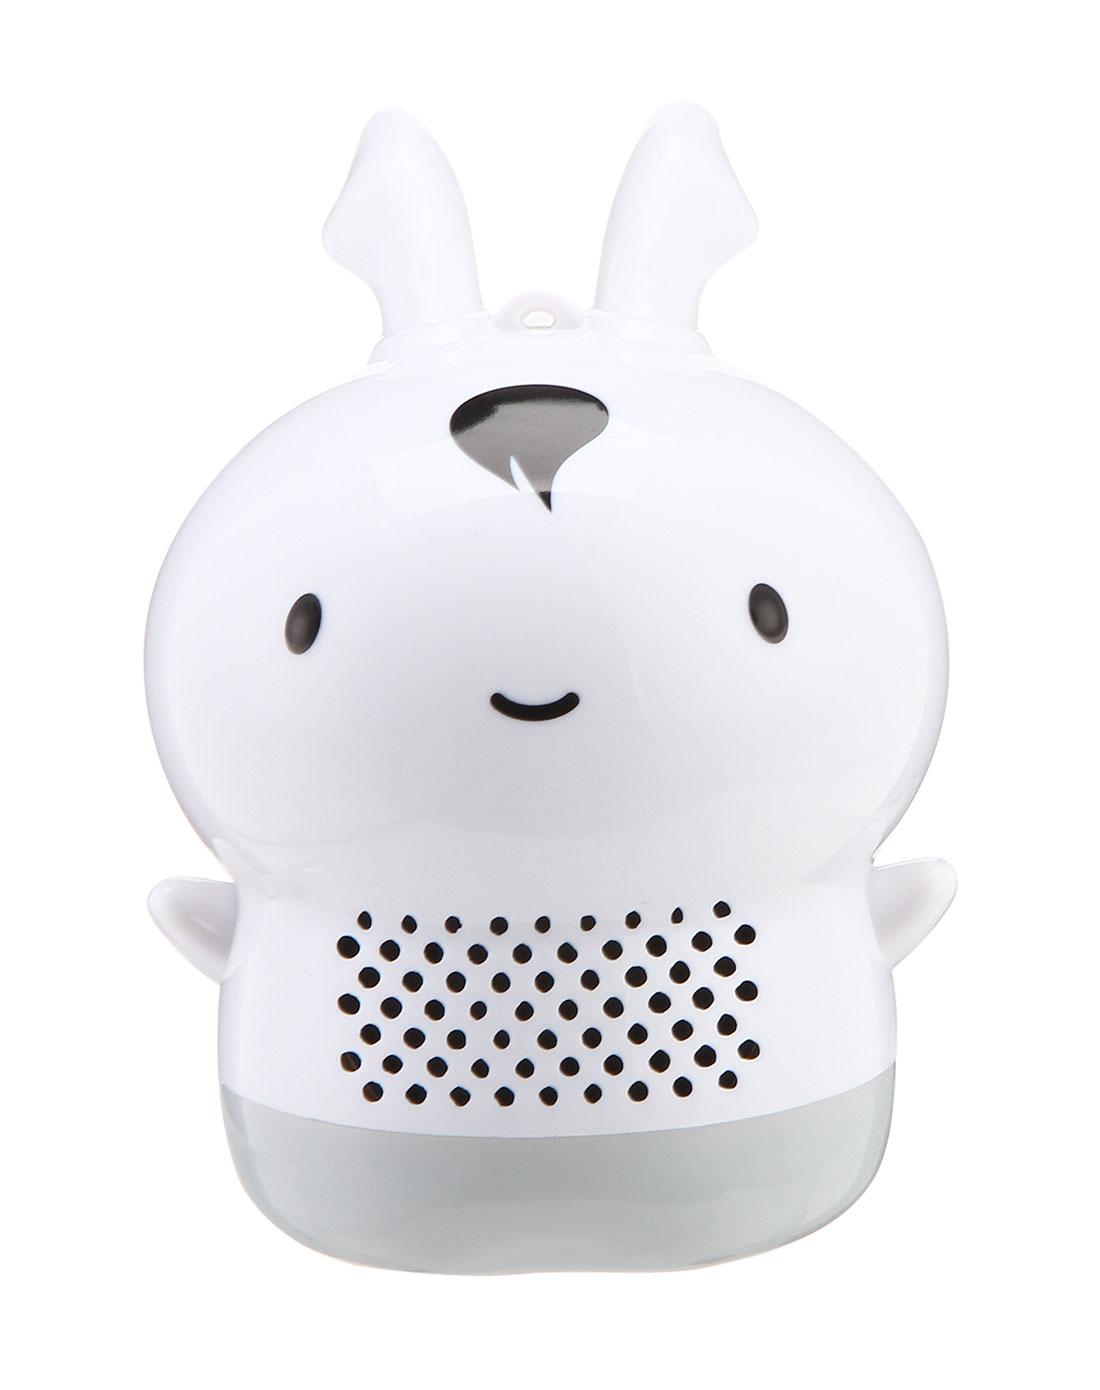 幻响i-mu白色可爱小龙人音箱